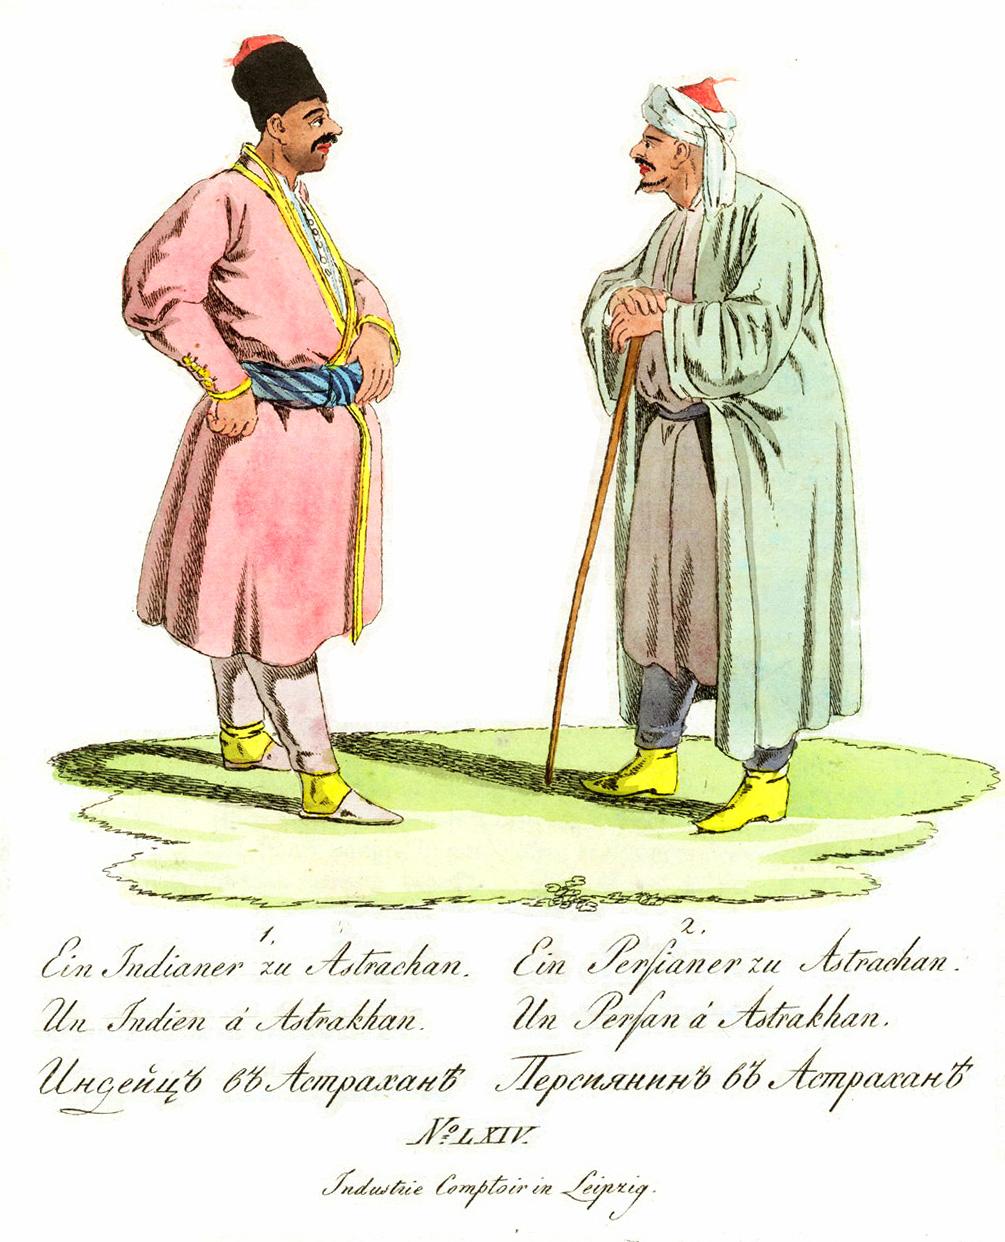 64. Индеец в Астрахане. Персиянин в Астрахане.